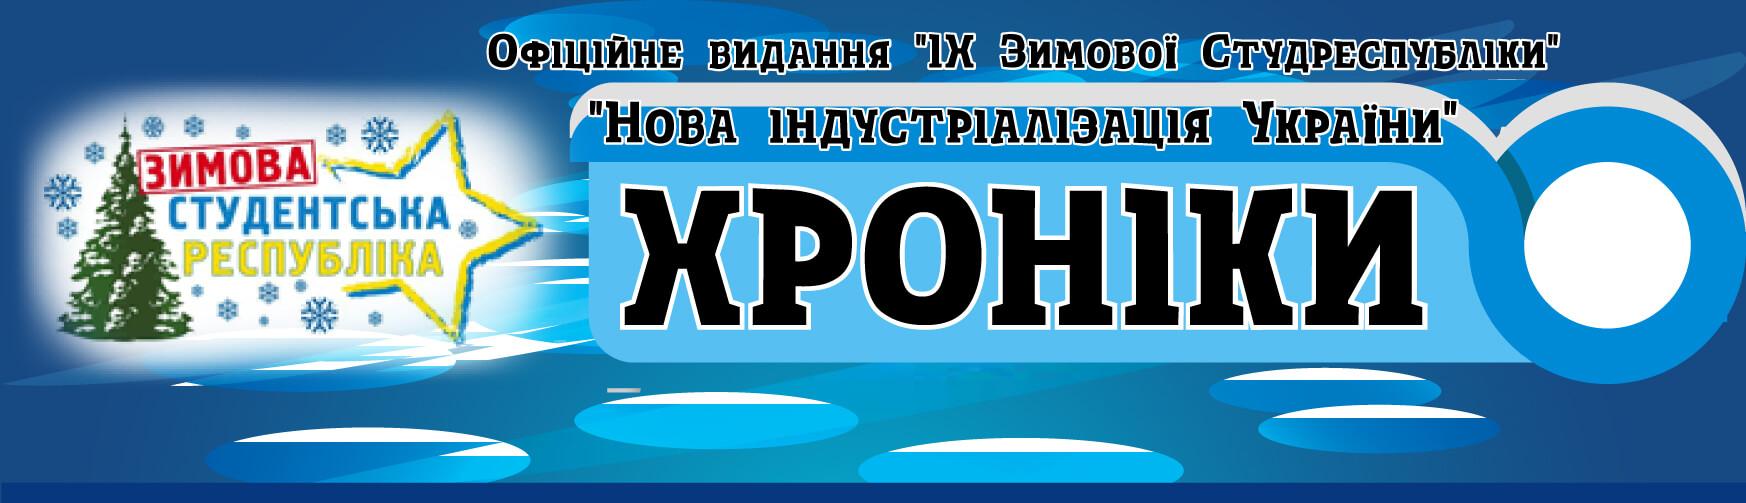 Khroniki2_1_sayt-02